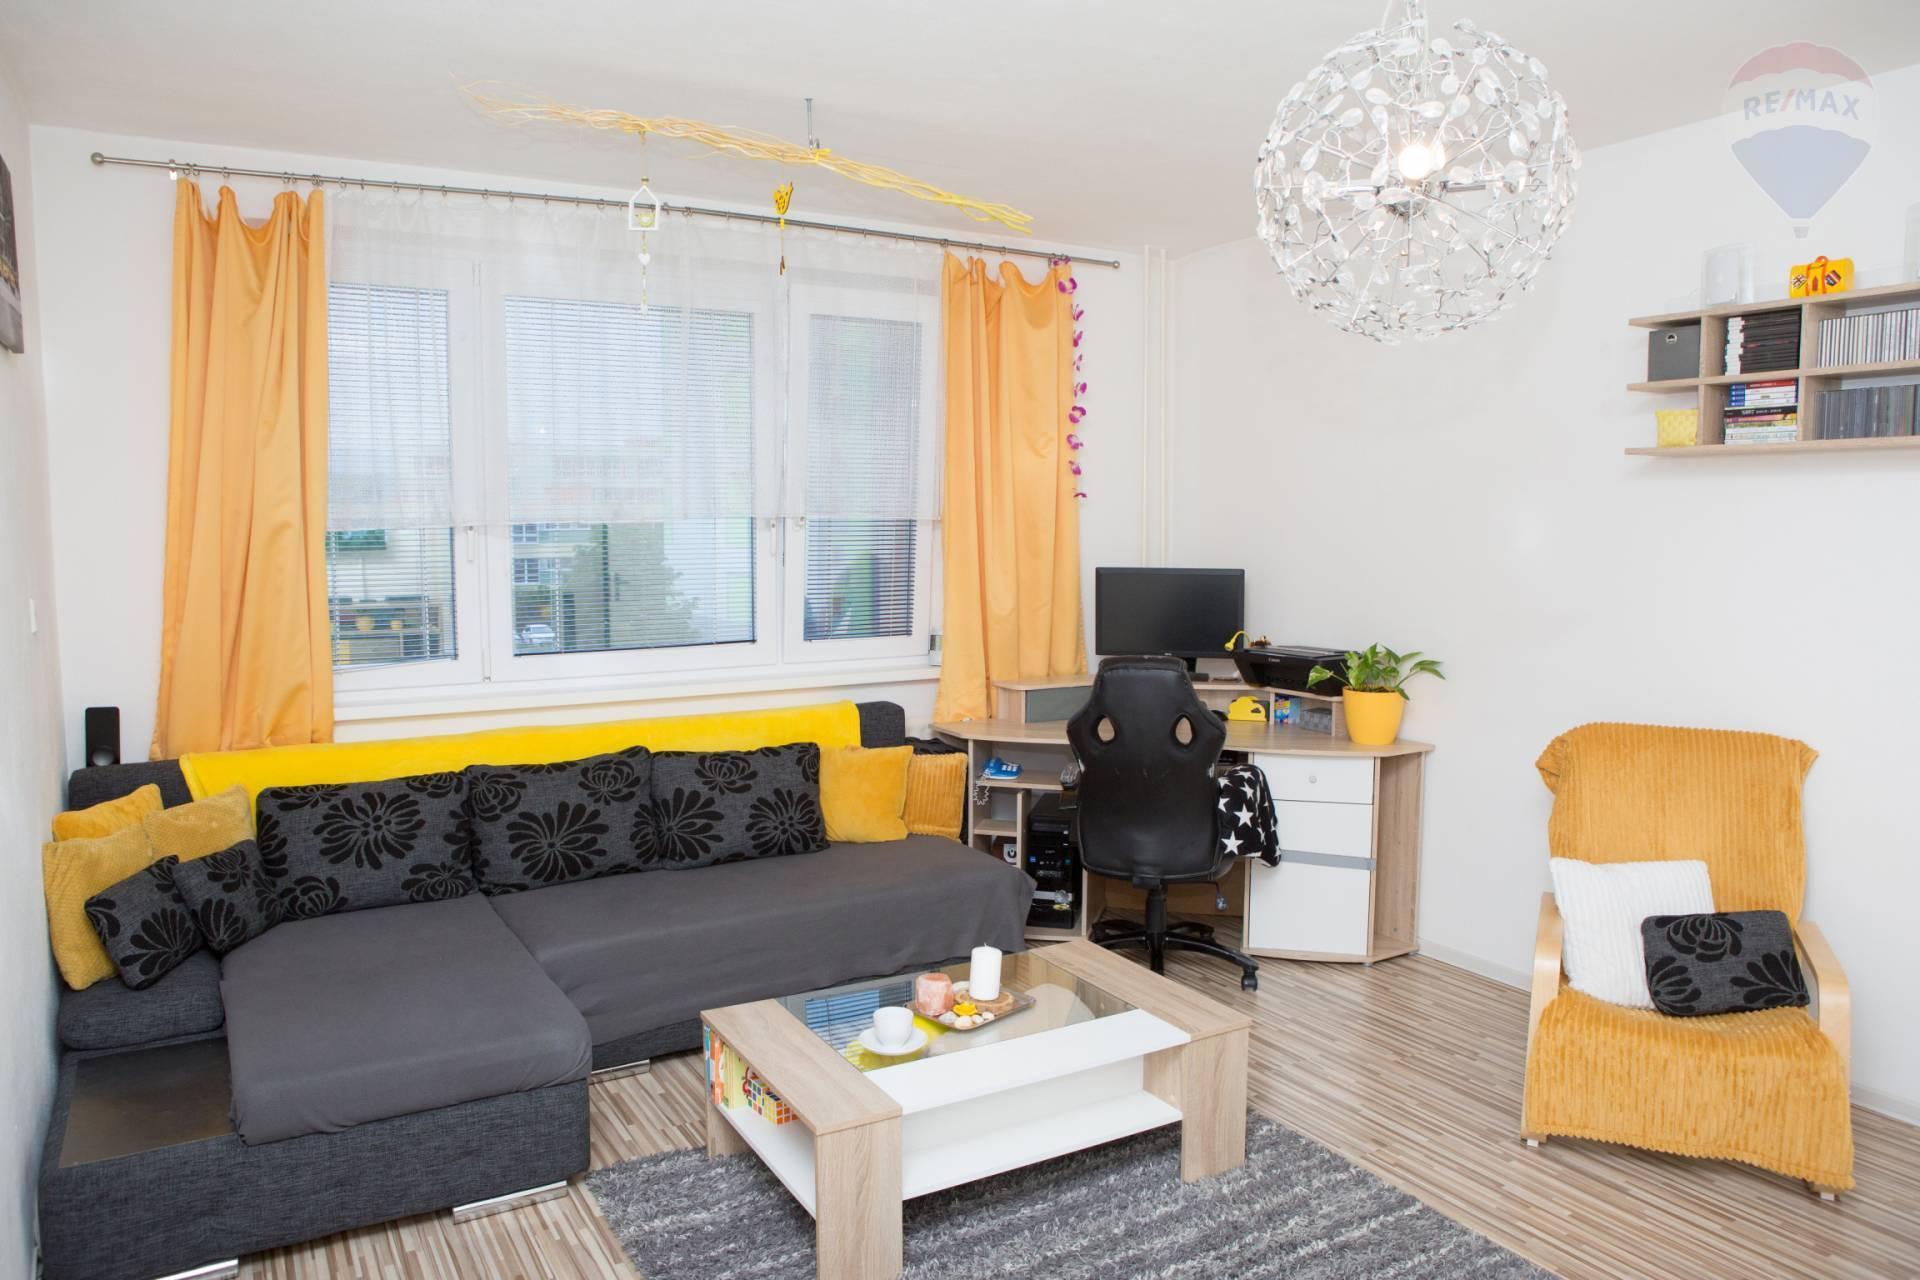 predaj 3 izbový byt Nitra, lodžia, Murániho EXKLUZÍVNE